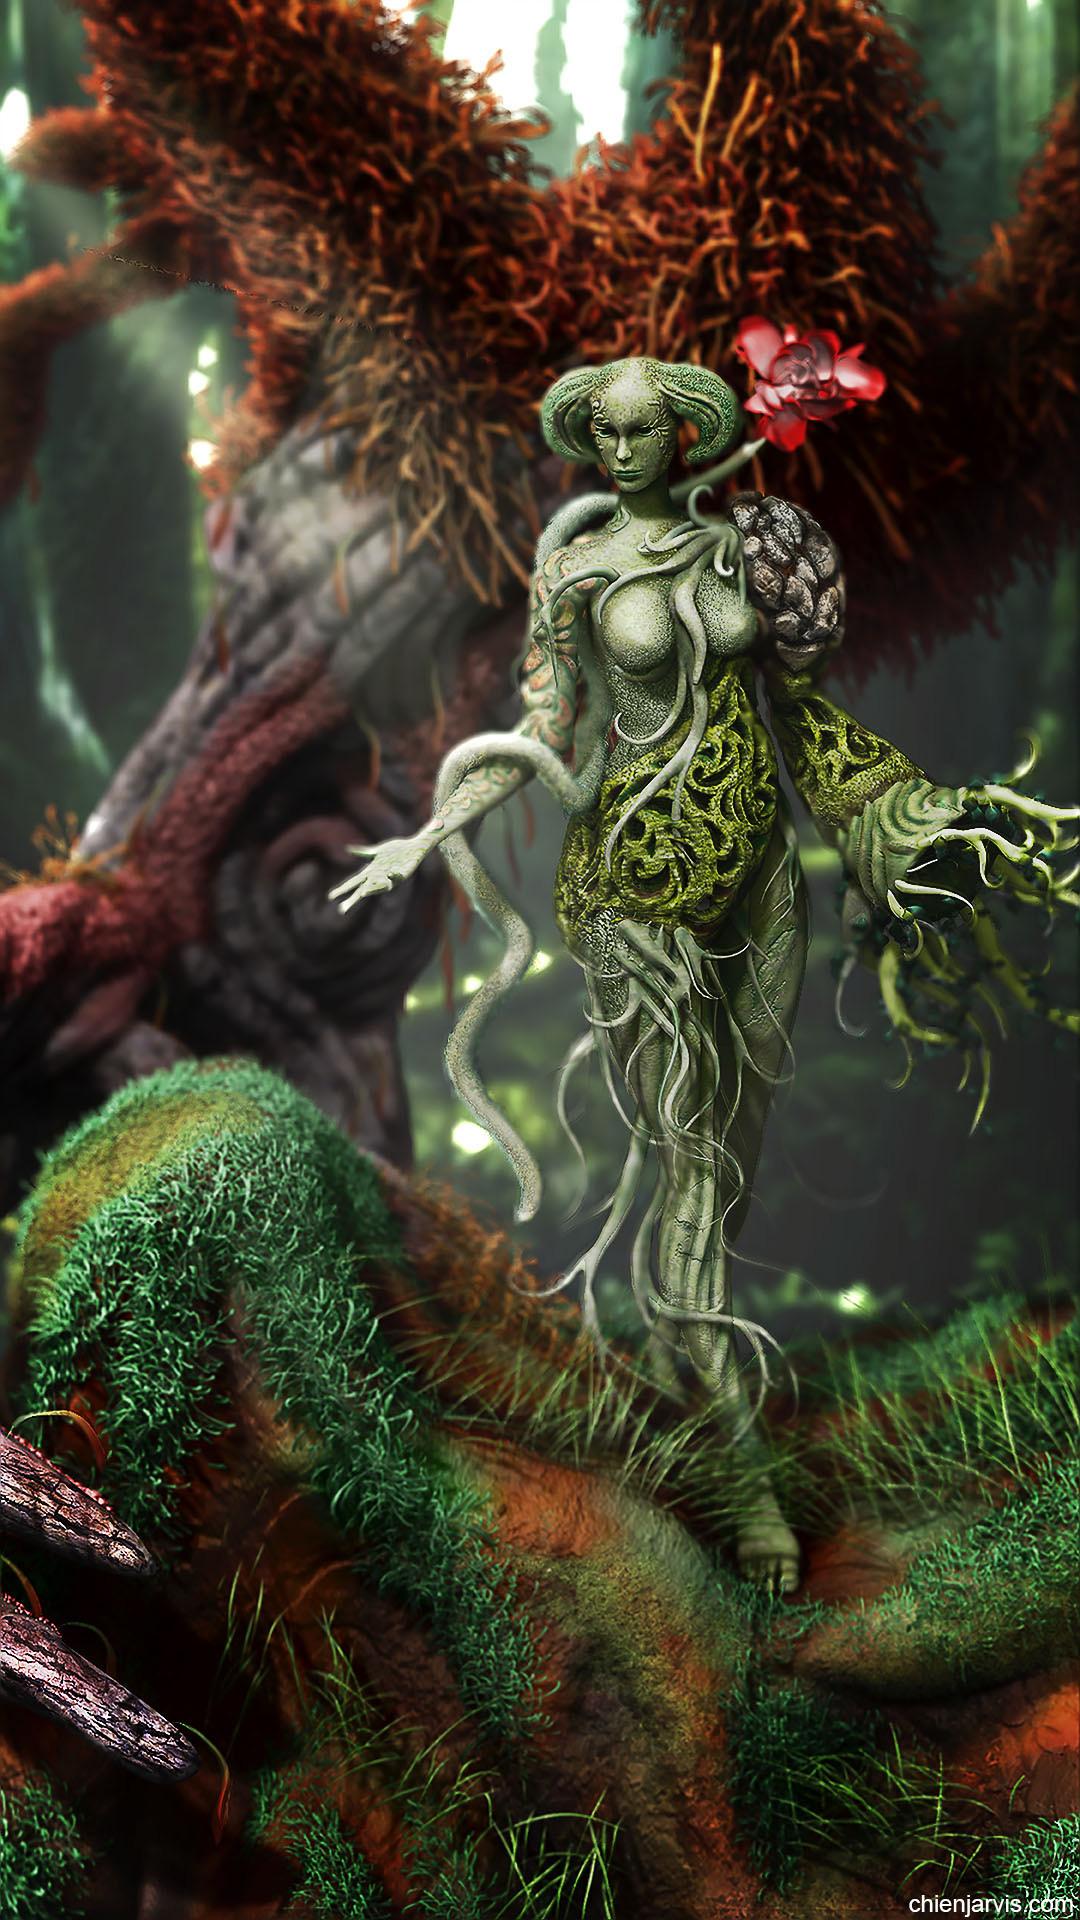 Chien jarvis forest finalrender03 02